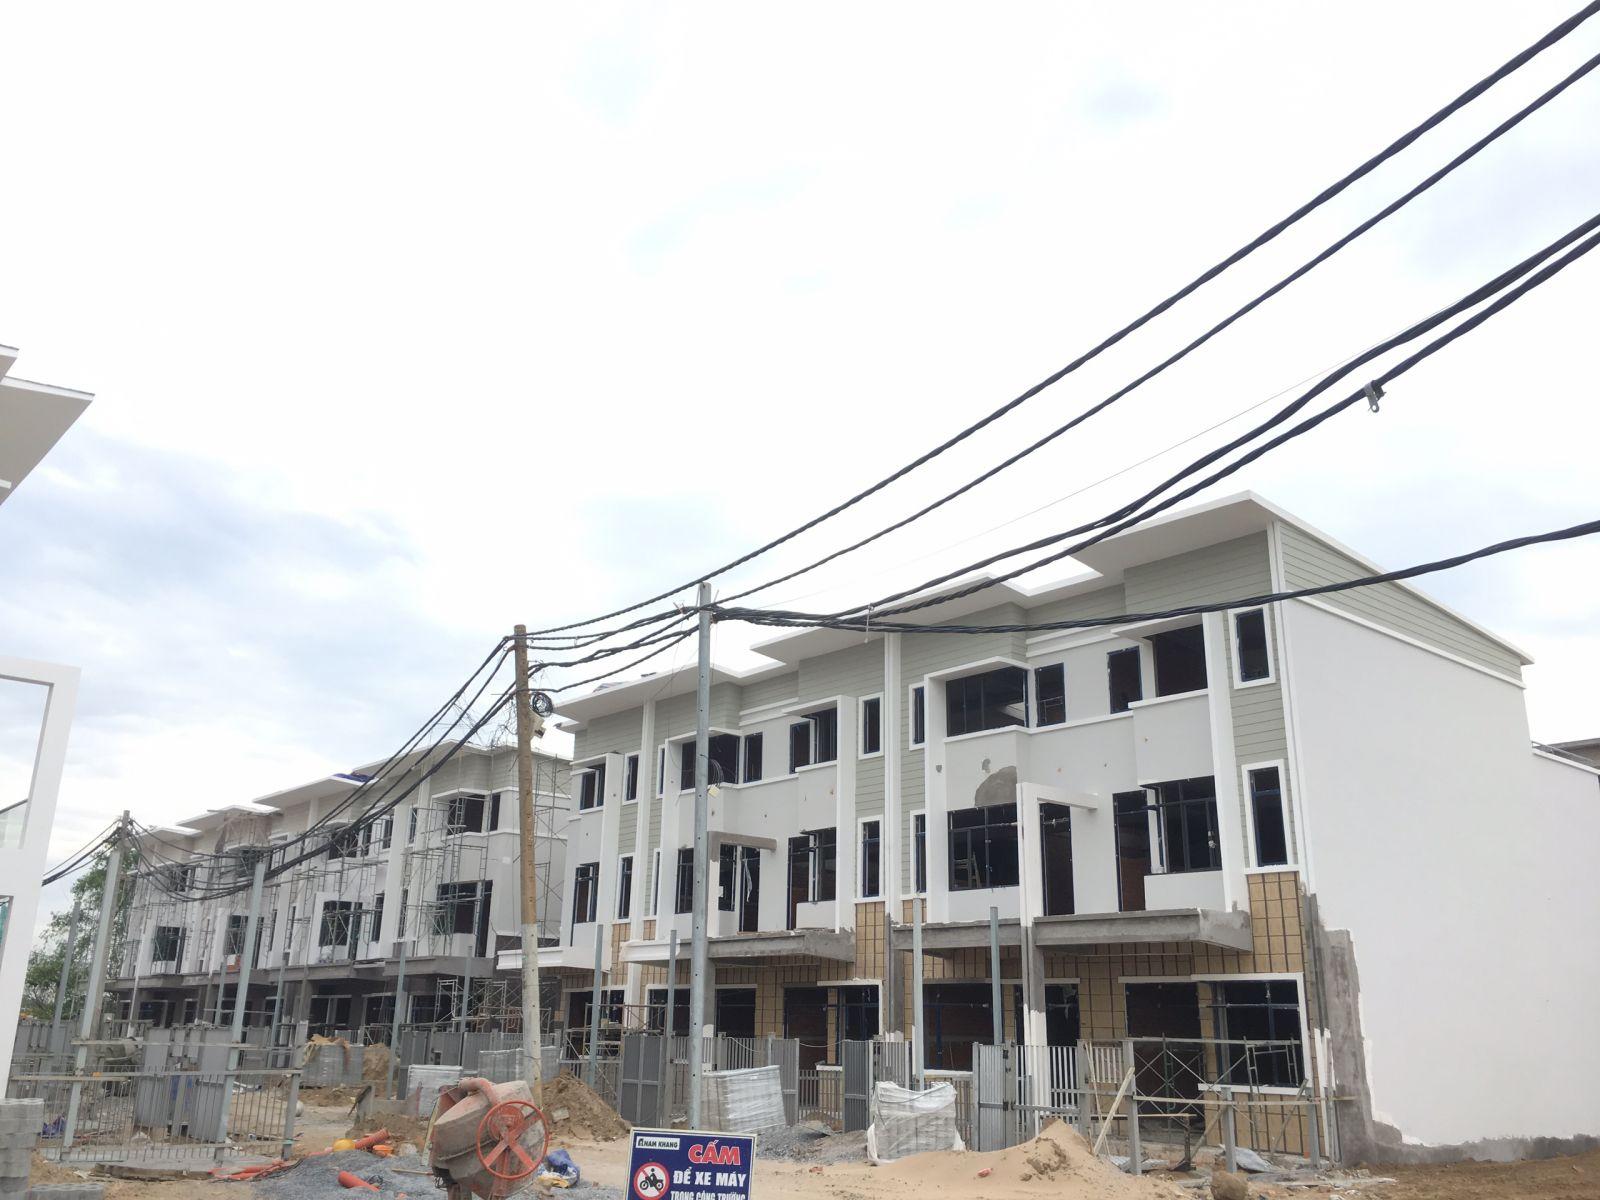 Khu nhà phố Đảo Thiên Đường đang tiến hành thi công xây dựng. Nhà phố có diện tích 5x21, xây dựng 1 trệt 2 lầu.